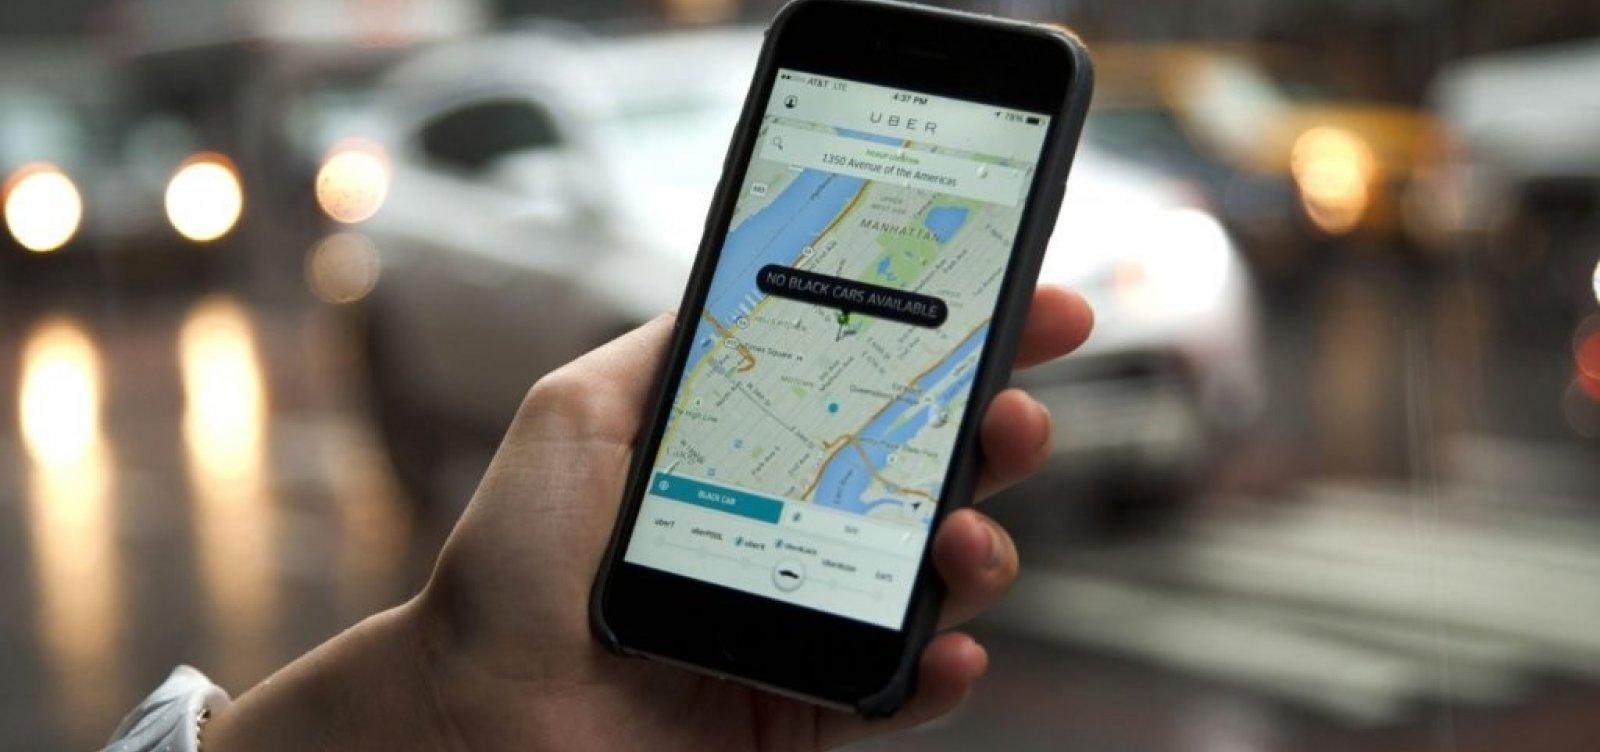 Uber: Neto diz que vai avaliar o que será vetado e incita manifestação de taxistas